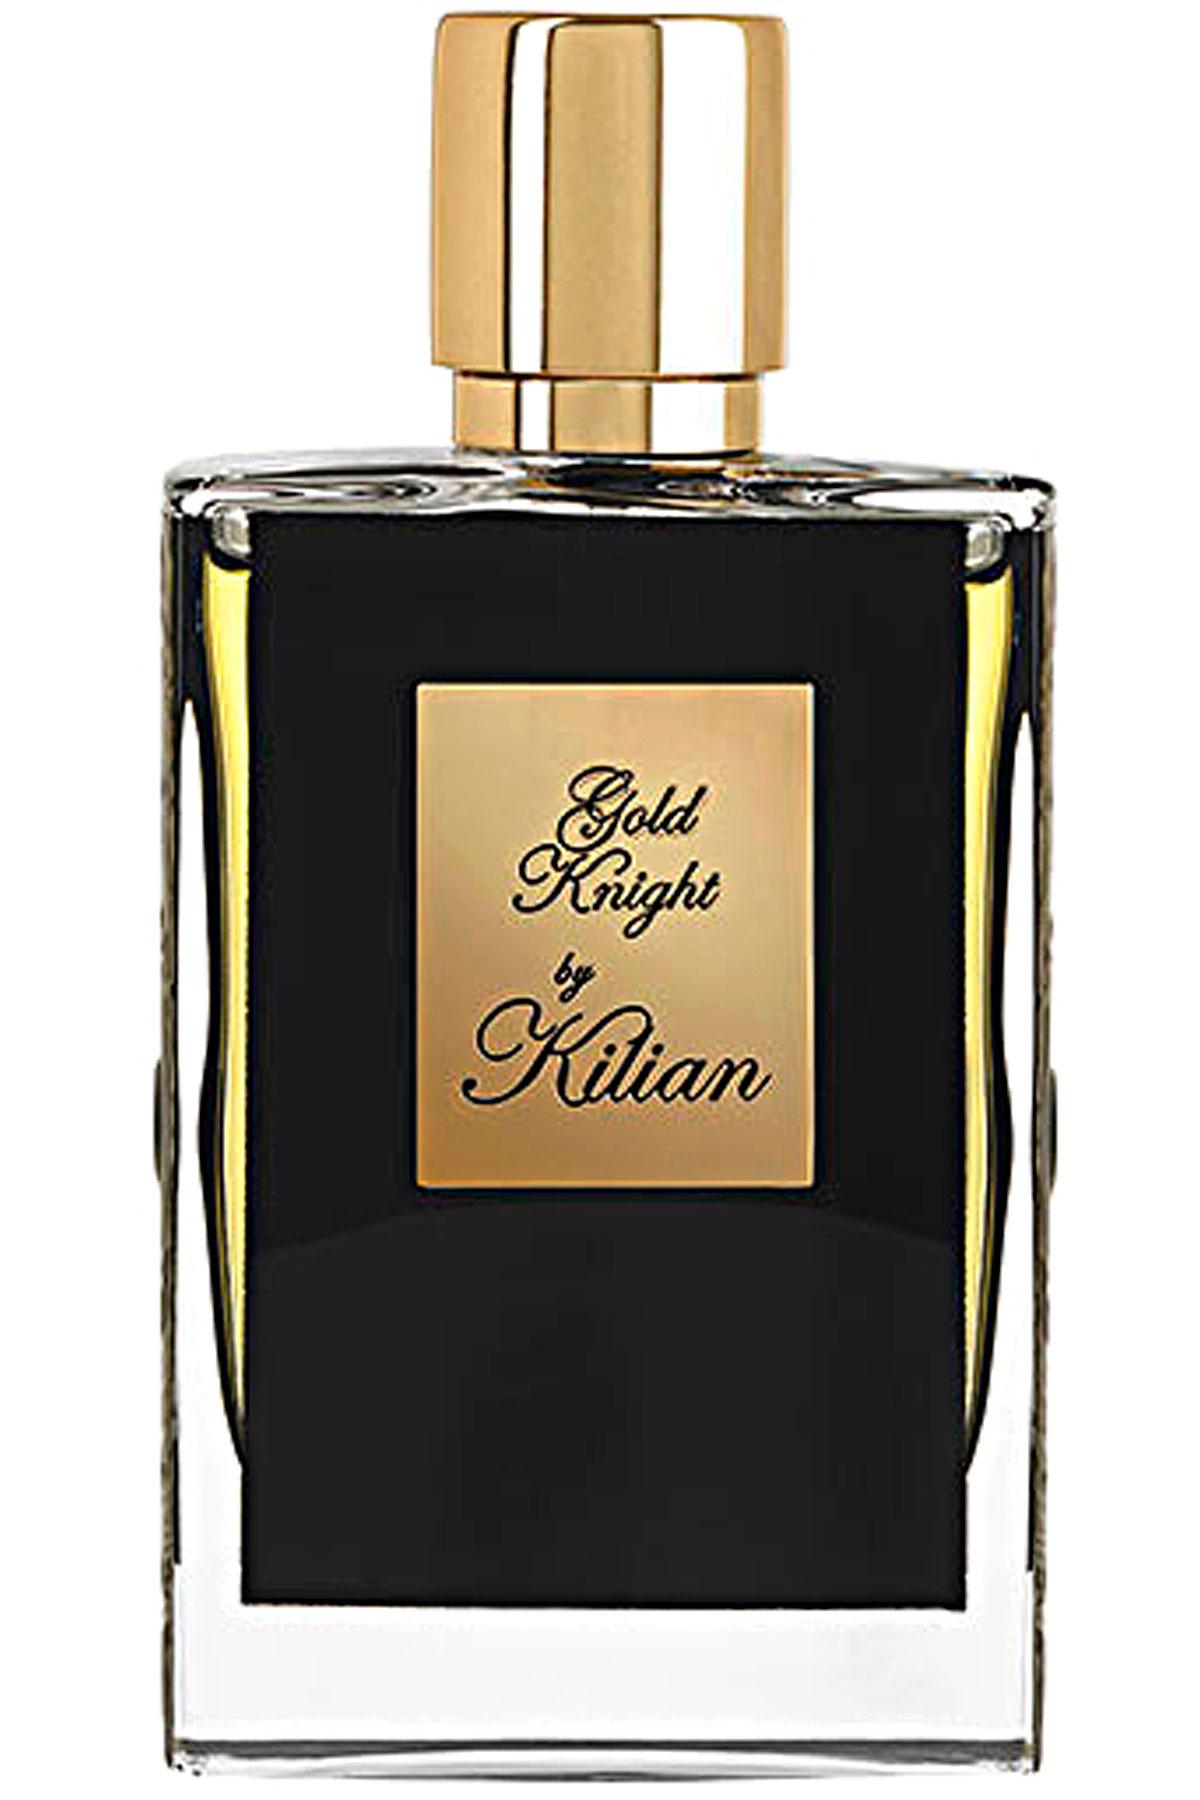 Kilian Fragrances for Men, Gold Knight - Eau De Parfum - 50 Ml, 2019, 50 ml